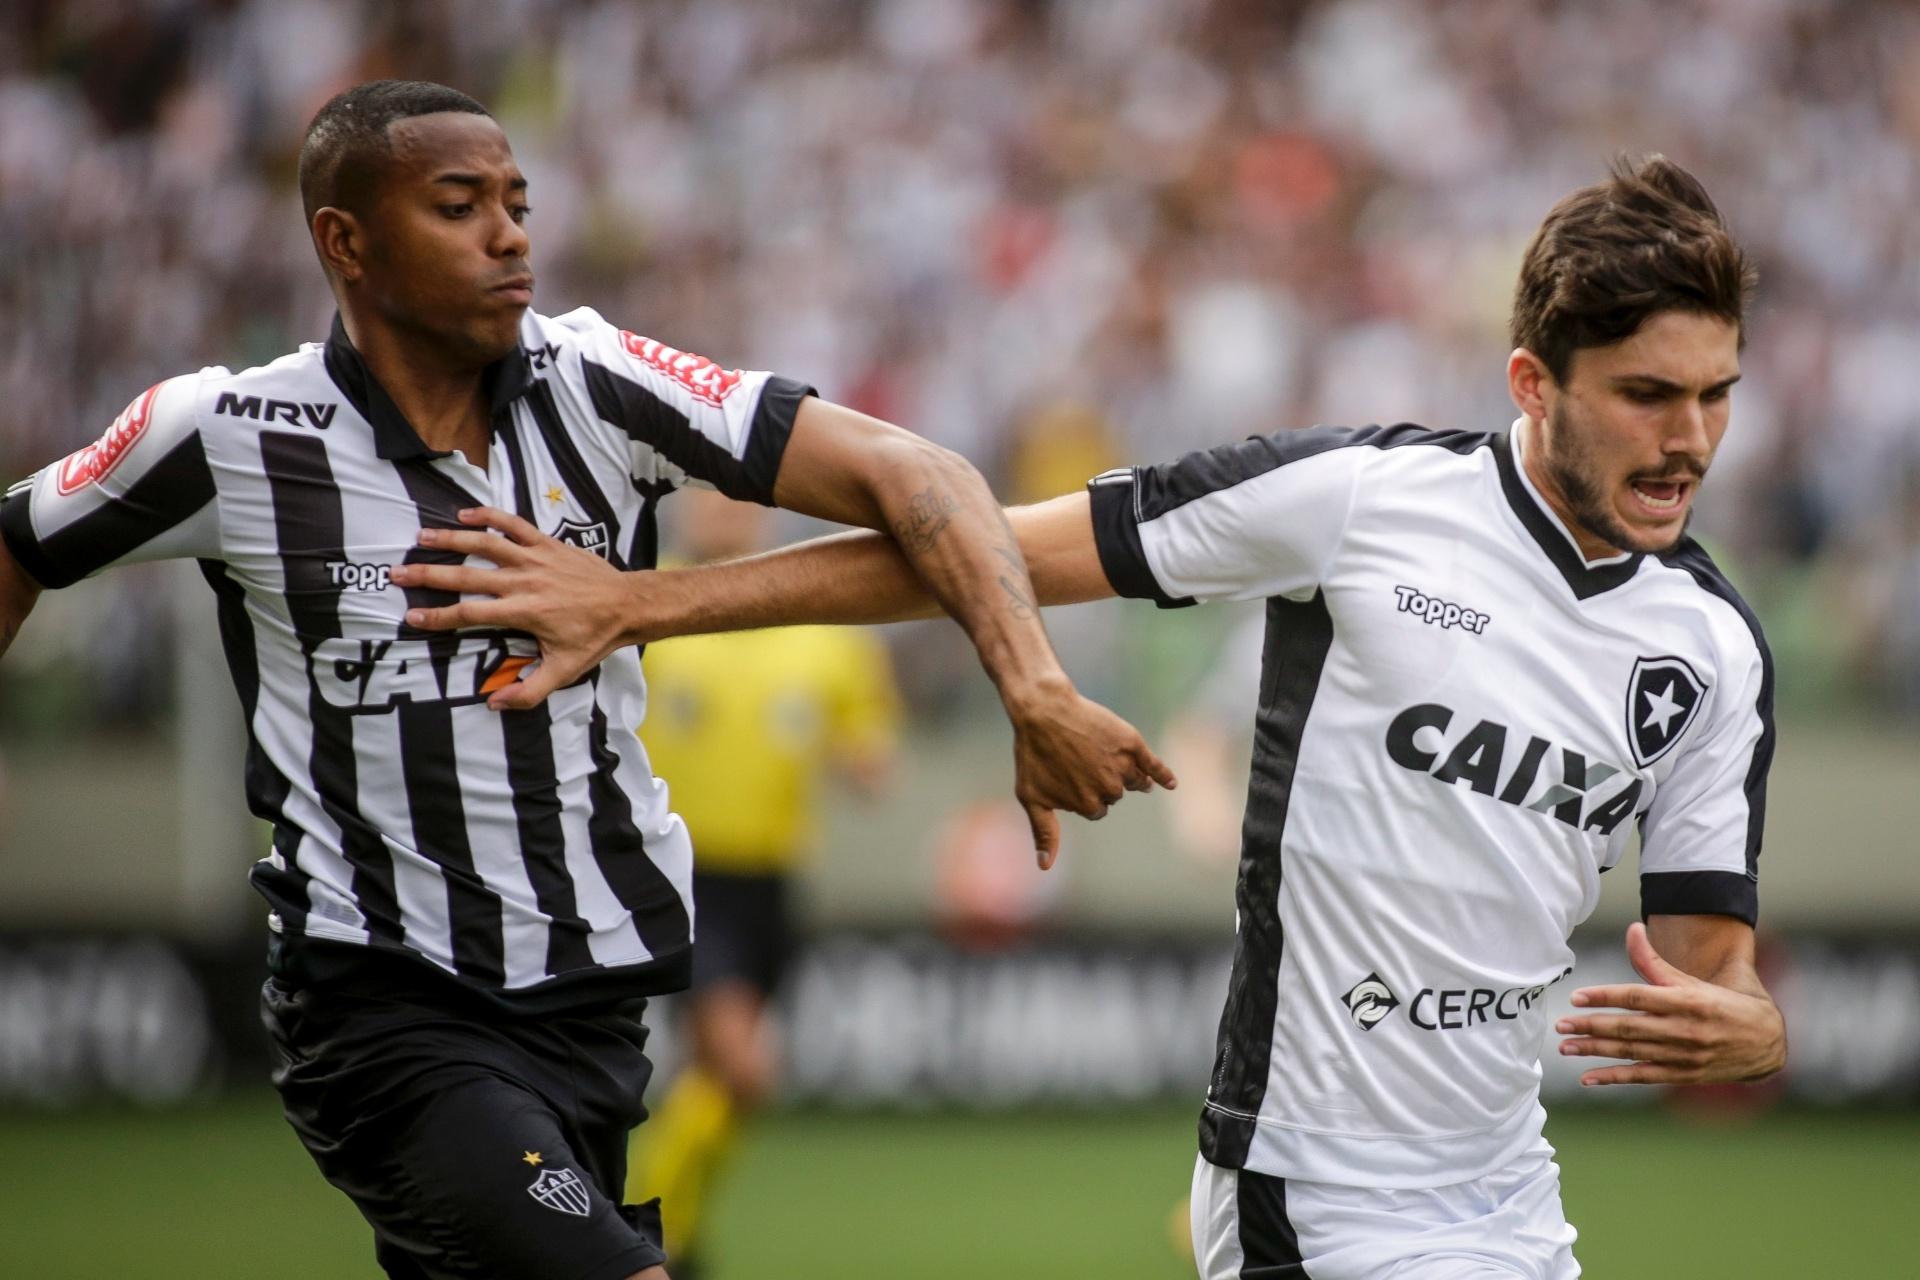 d43462a5745ca Atlético-MG e Botafogo empatam jogo em briga por vaga na Libertadores -  29 10 2017 - UOL Esporte